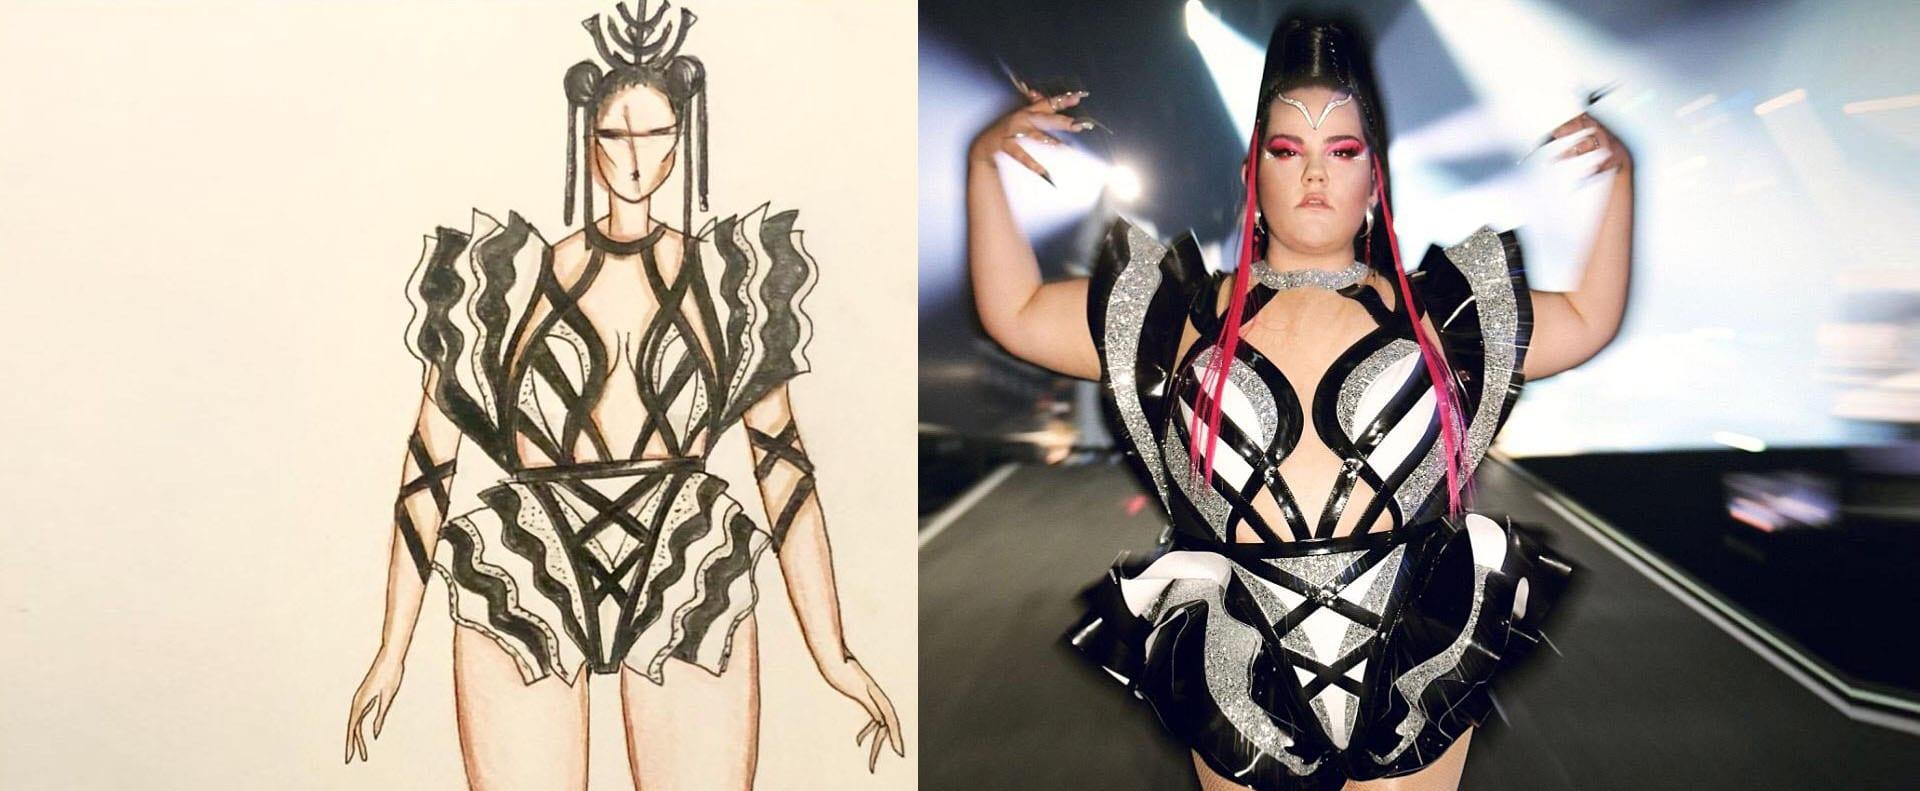 נטע ברזילי בשמלה של אלון ליבנה באירוויזיון 2019, צילום ערן לוי